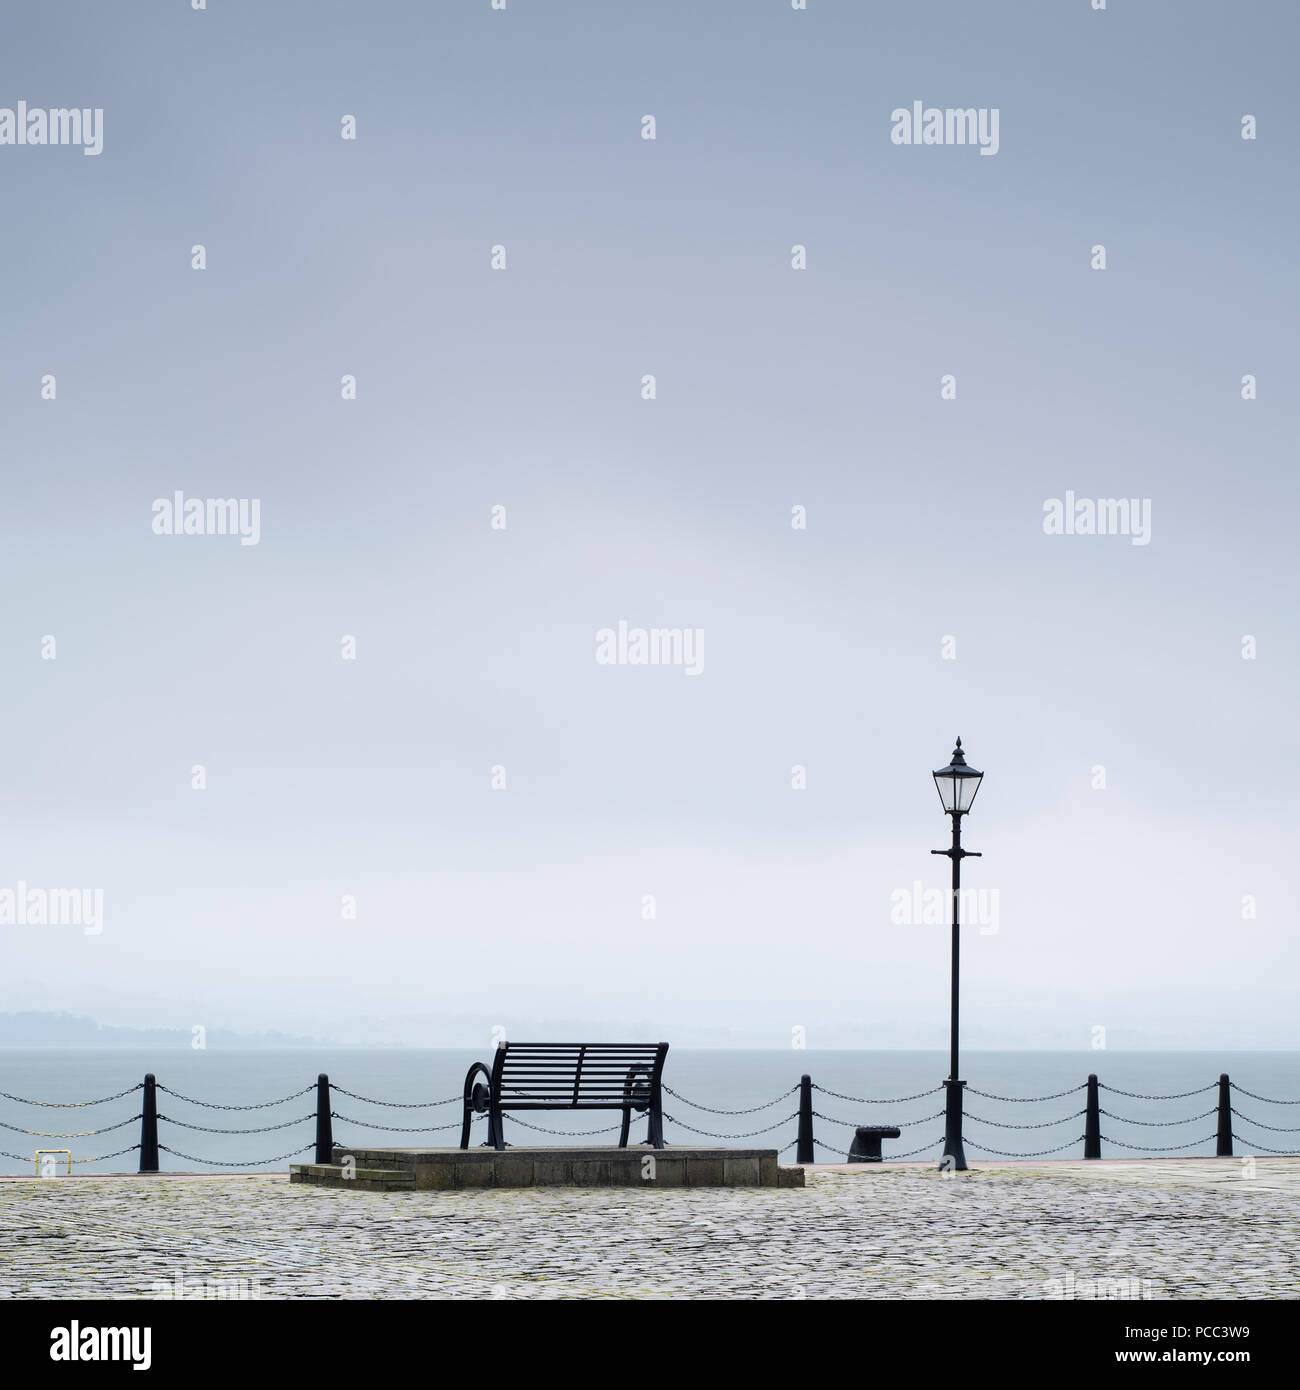 Lonely vuoto sedile unico mare costiero la tranquilla atmosfera mindfulness vista scena Immagini Stock